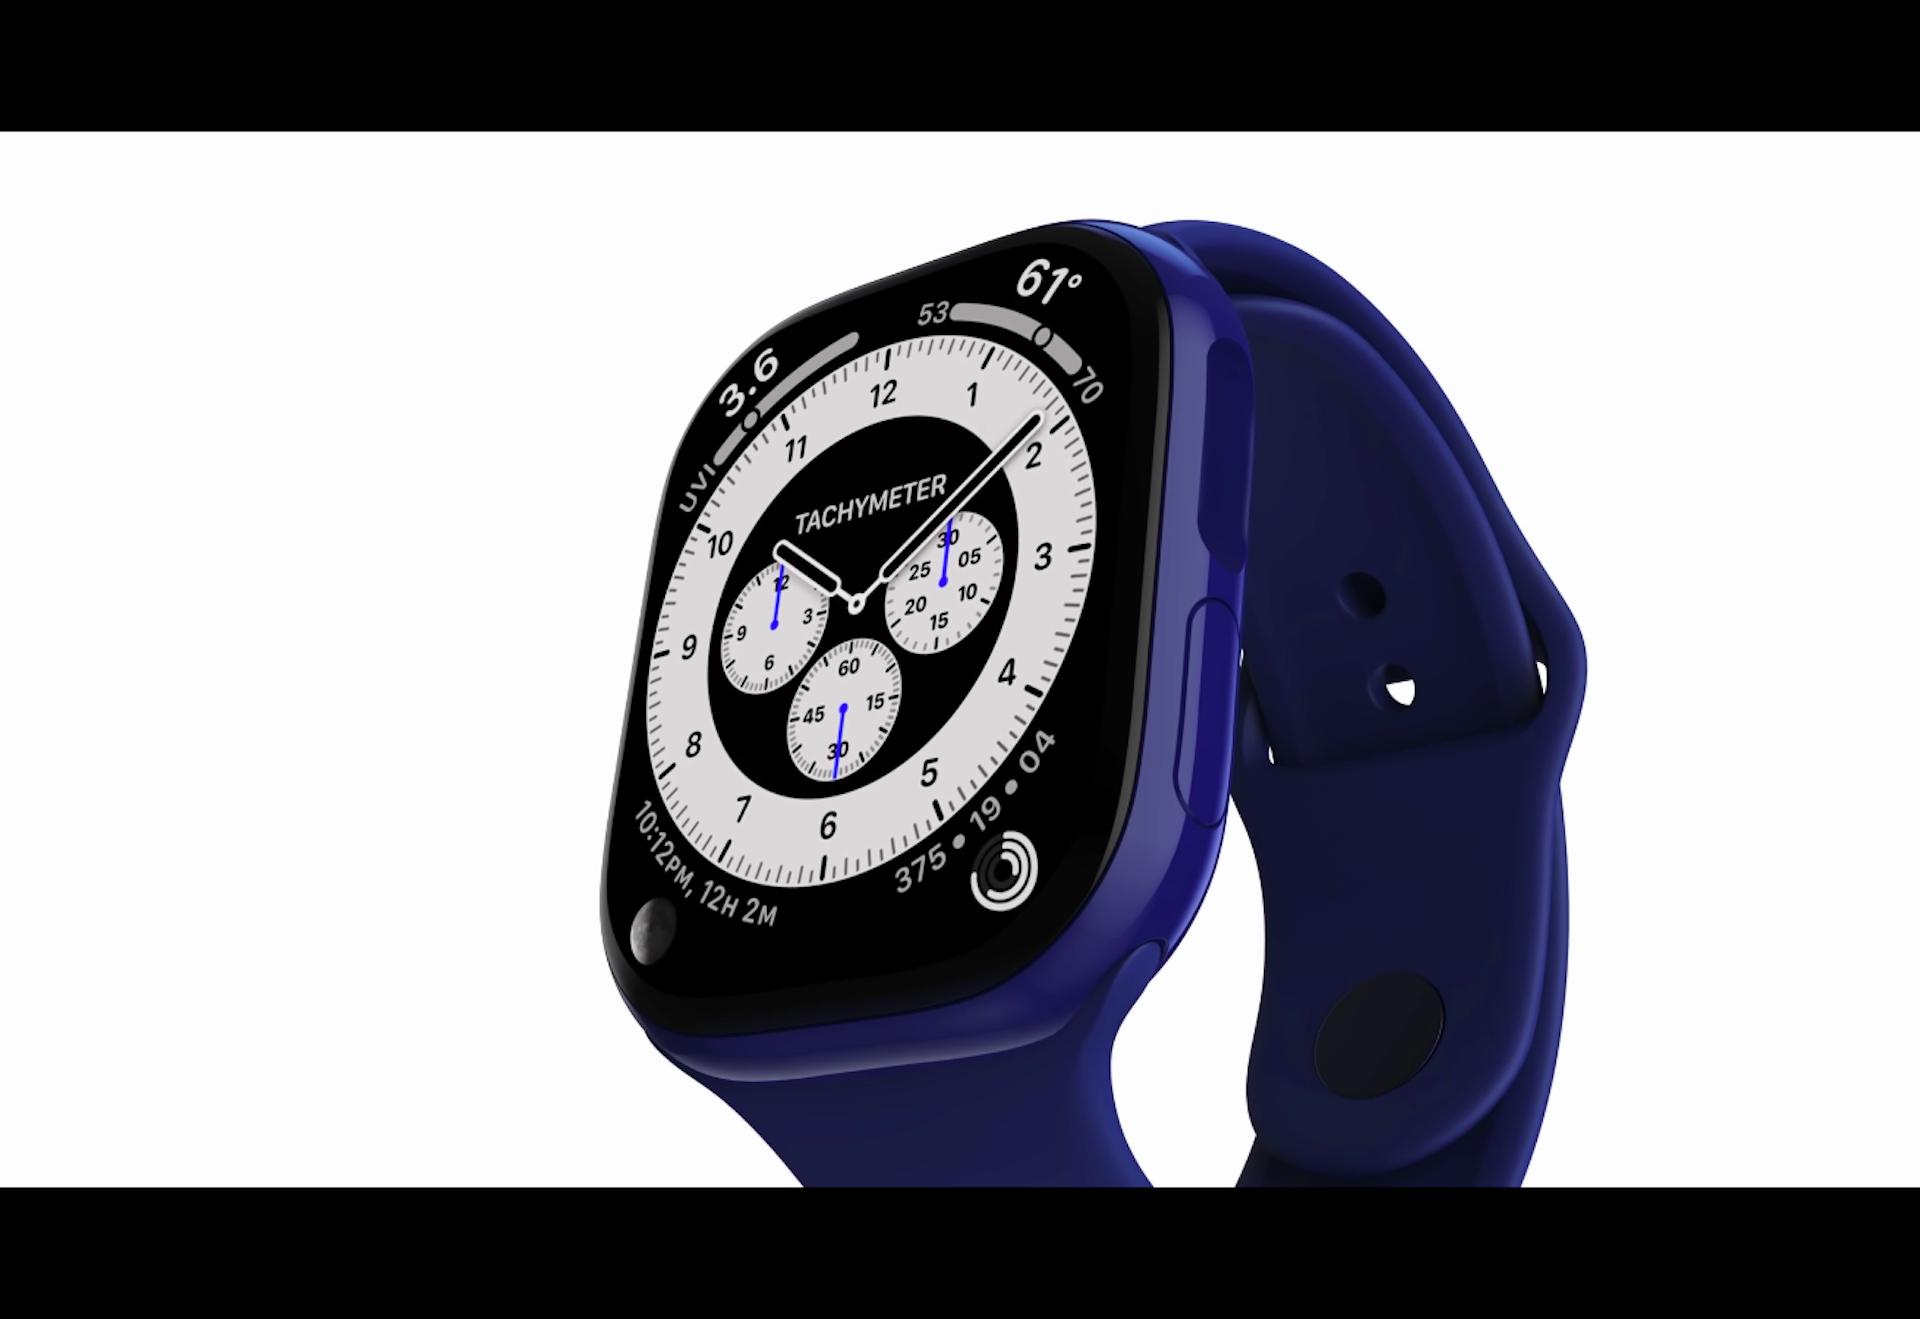 やはり新型Apple Watch&iPadは発売間近!?ユーラシア経済委員会にデータを登録か tech200827_applewatch_ipad_main